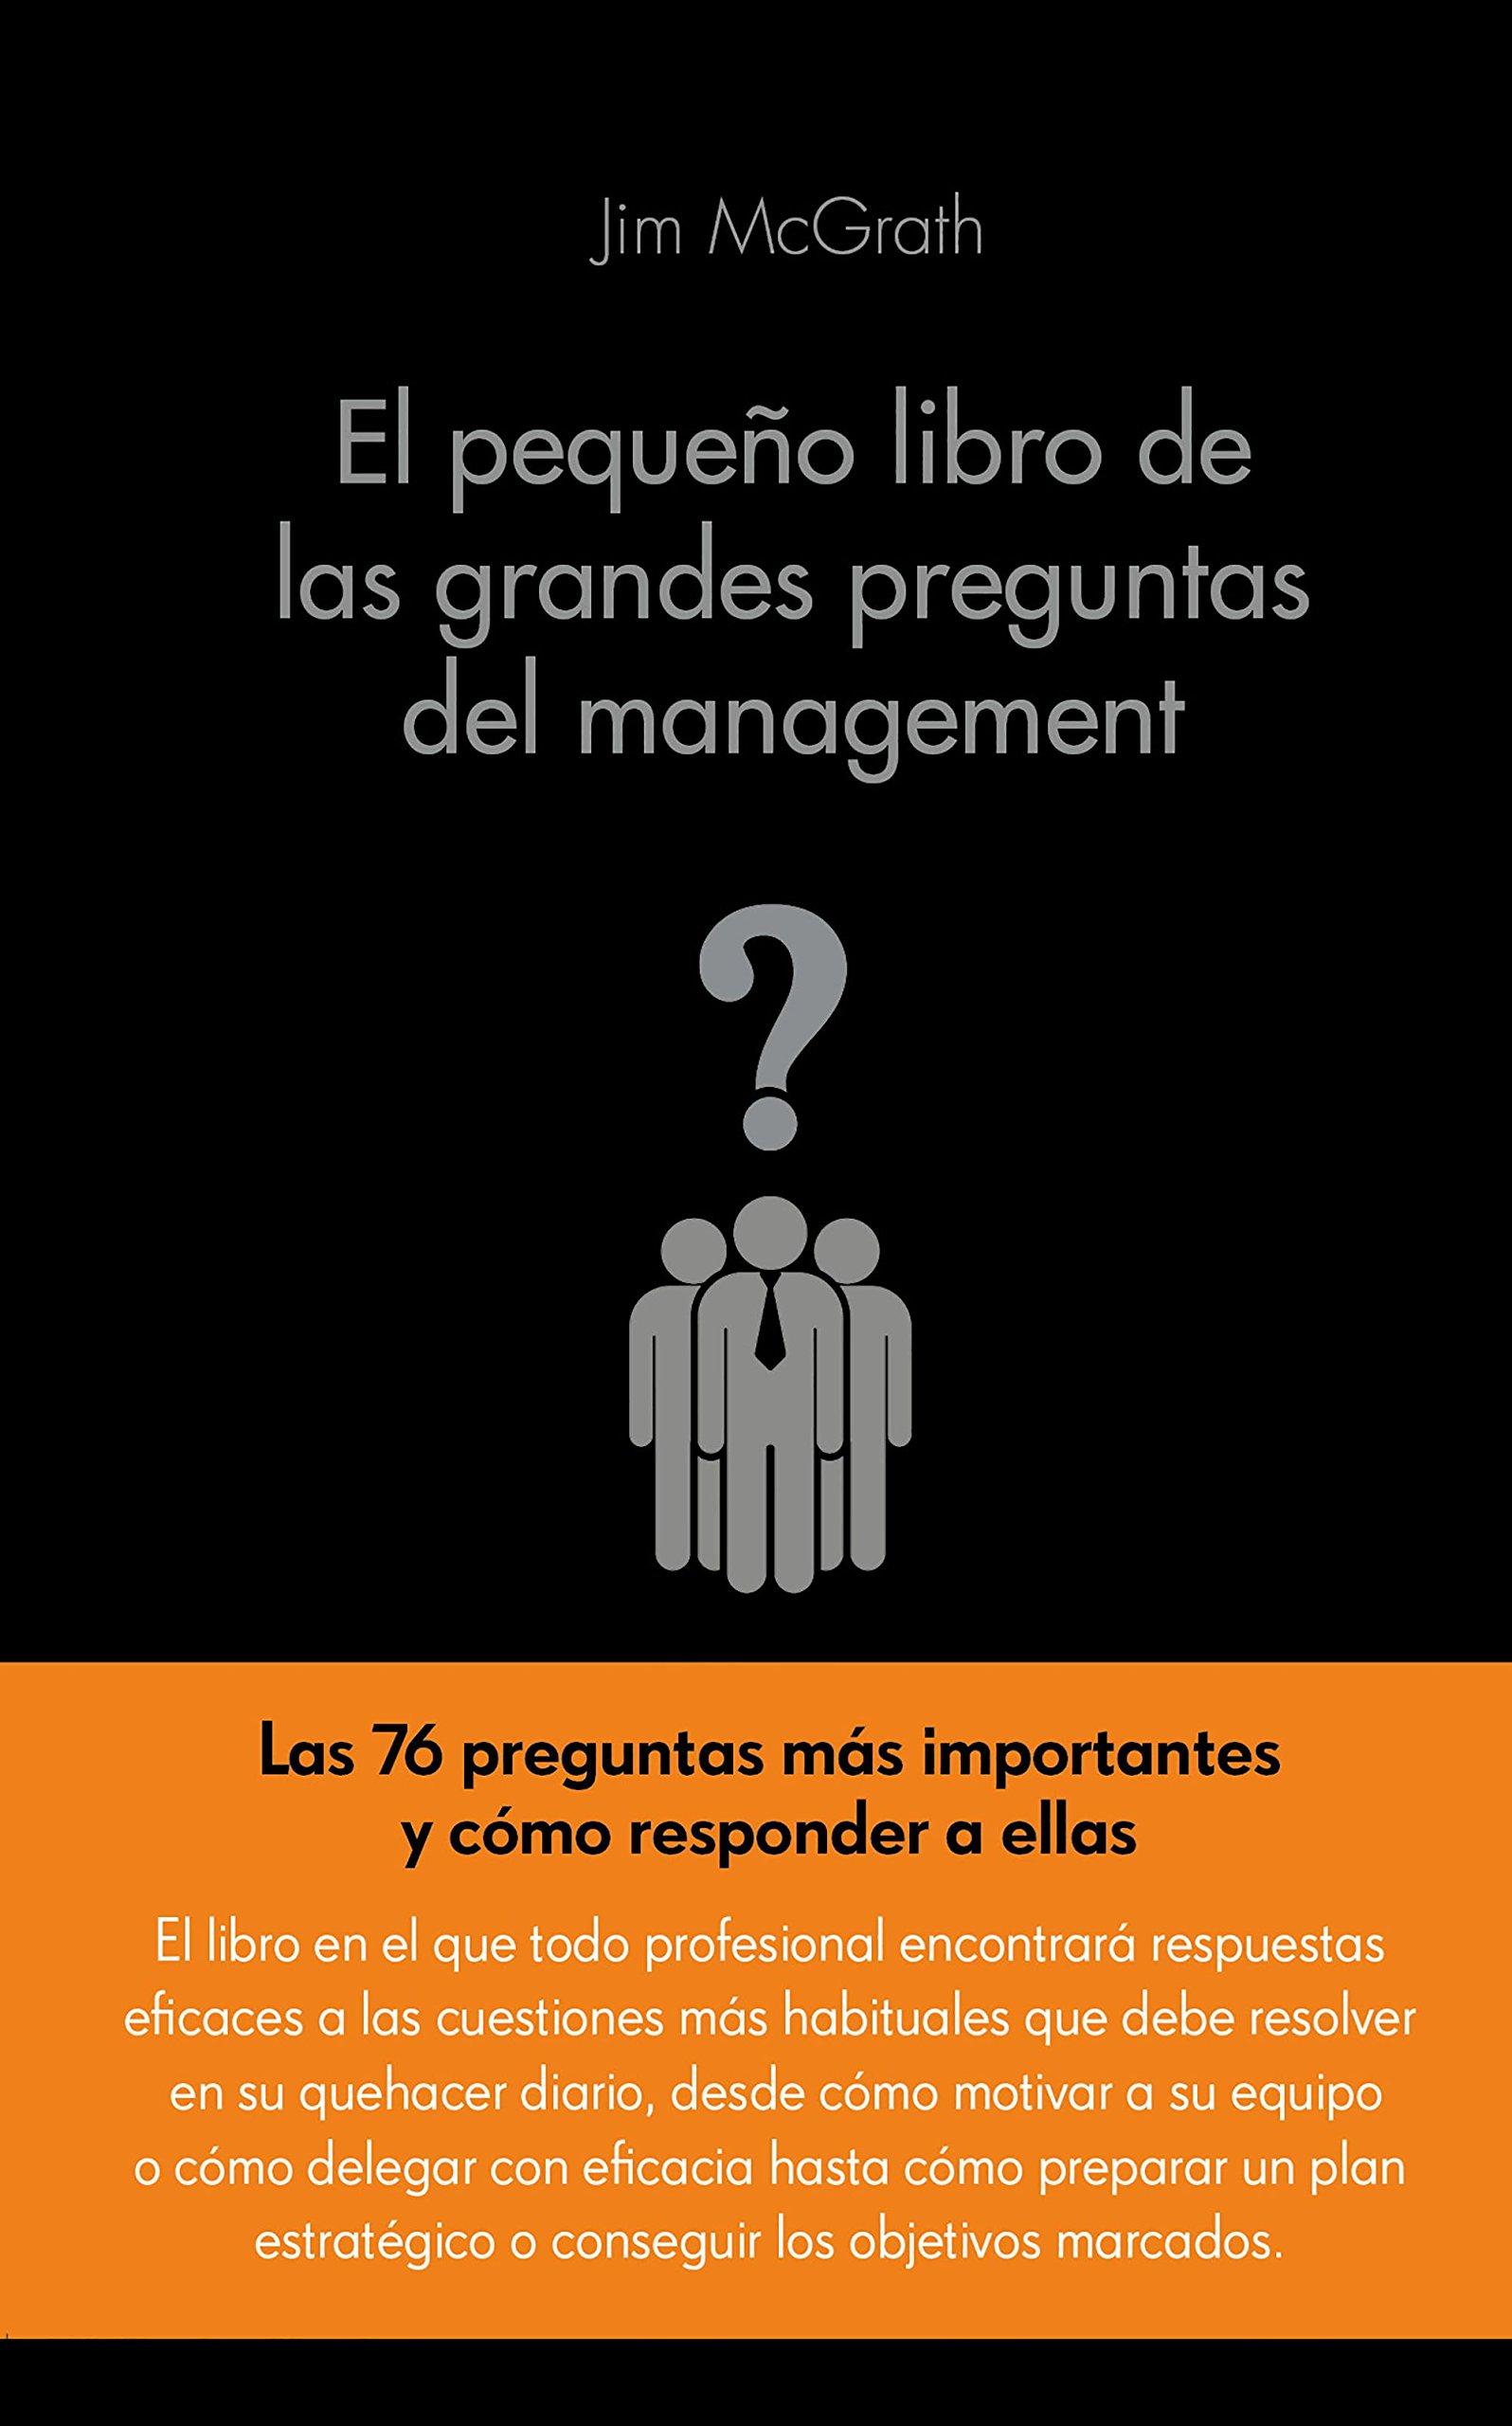 El pequeño libro de las grandes preguntas del management COLECCION ALIENTA:  Amazon.es: James McGrath, Mar Vidal Aparicio: Libros